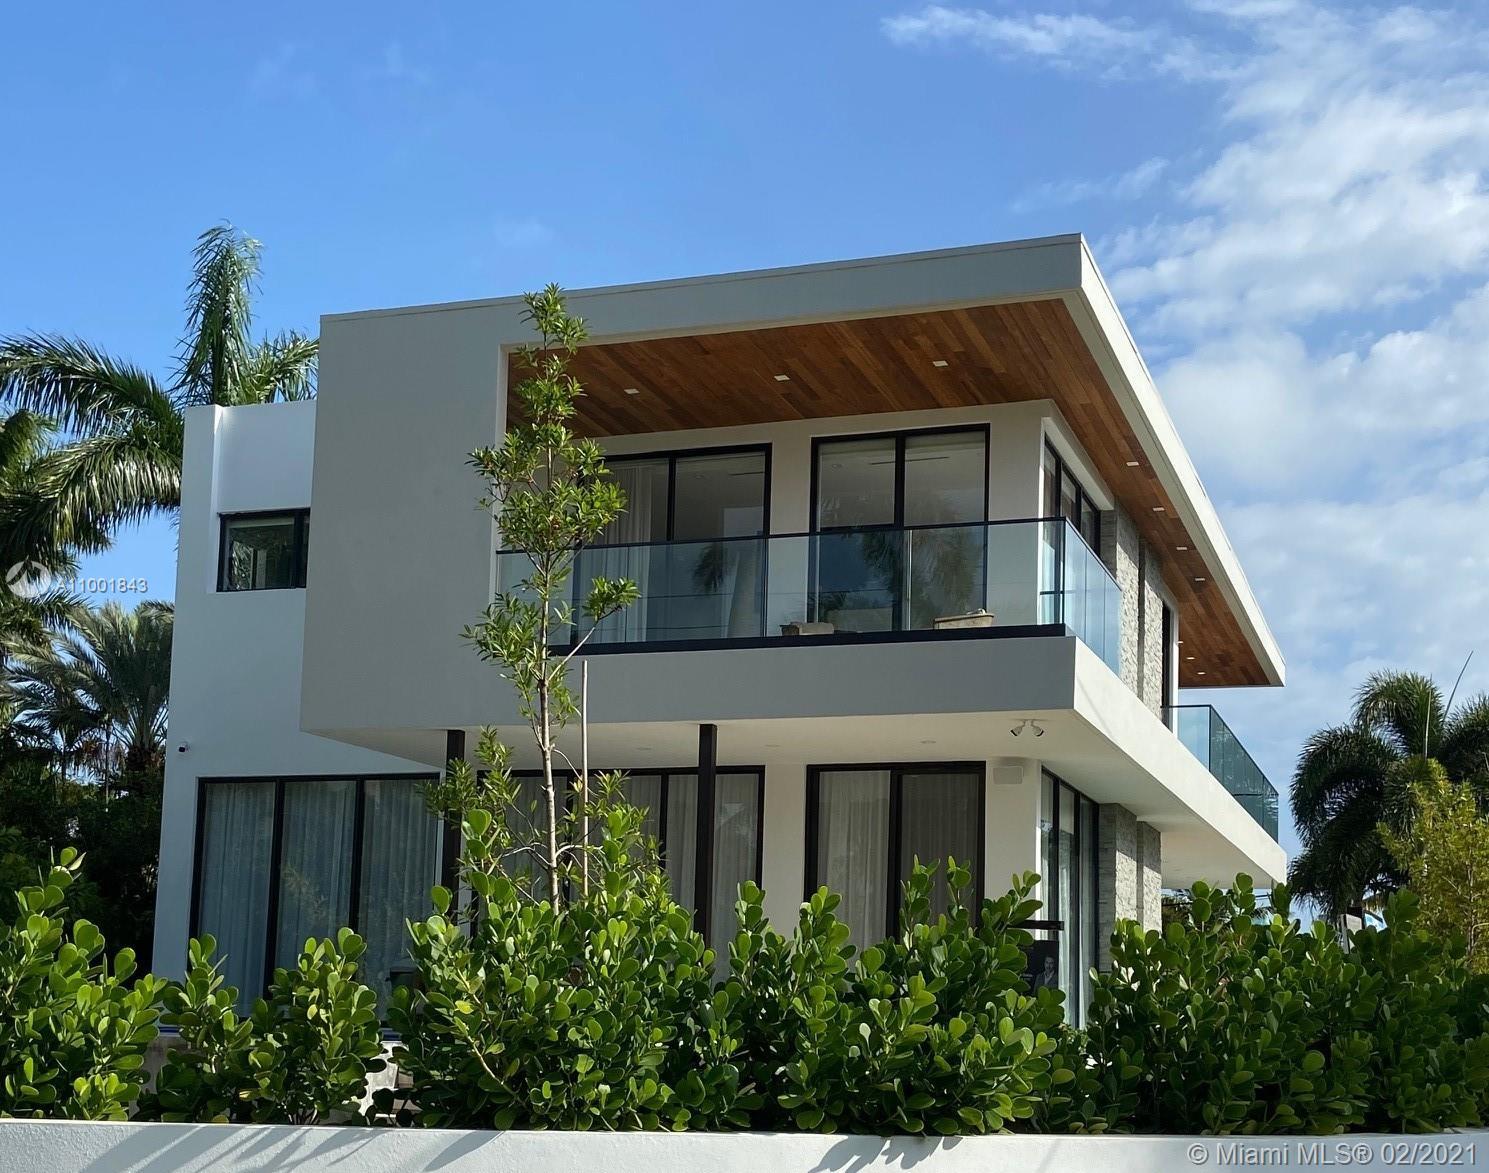 La Gorce Golf - 5701 N Bay Rd, Miami Beach, FL 33140